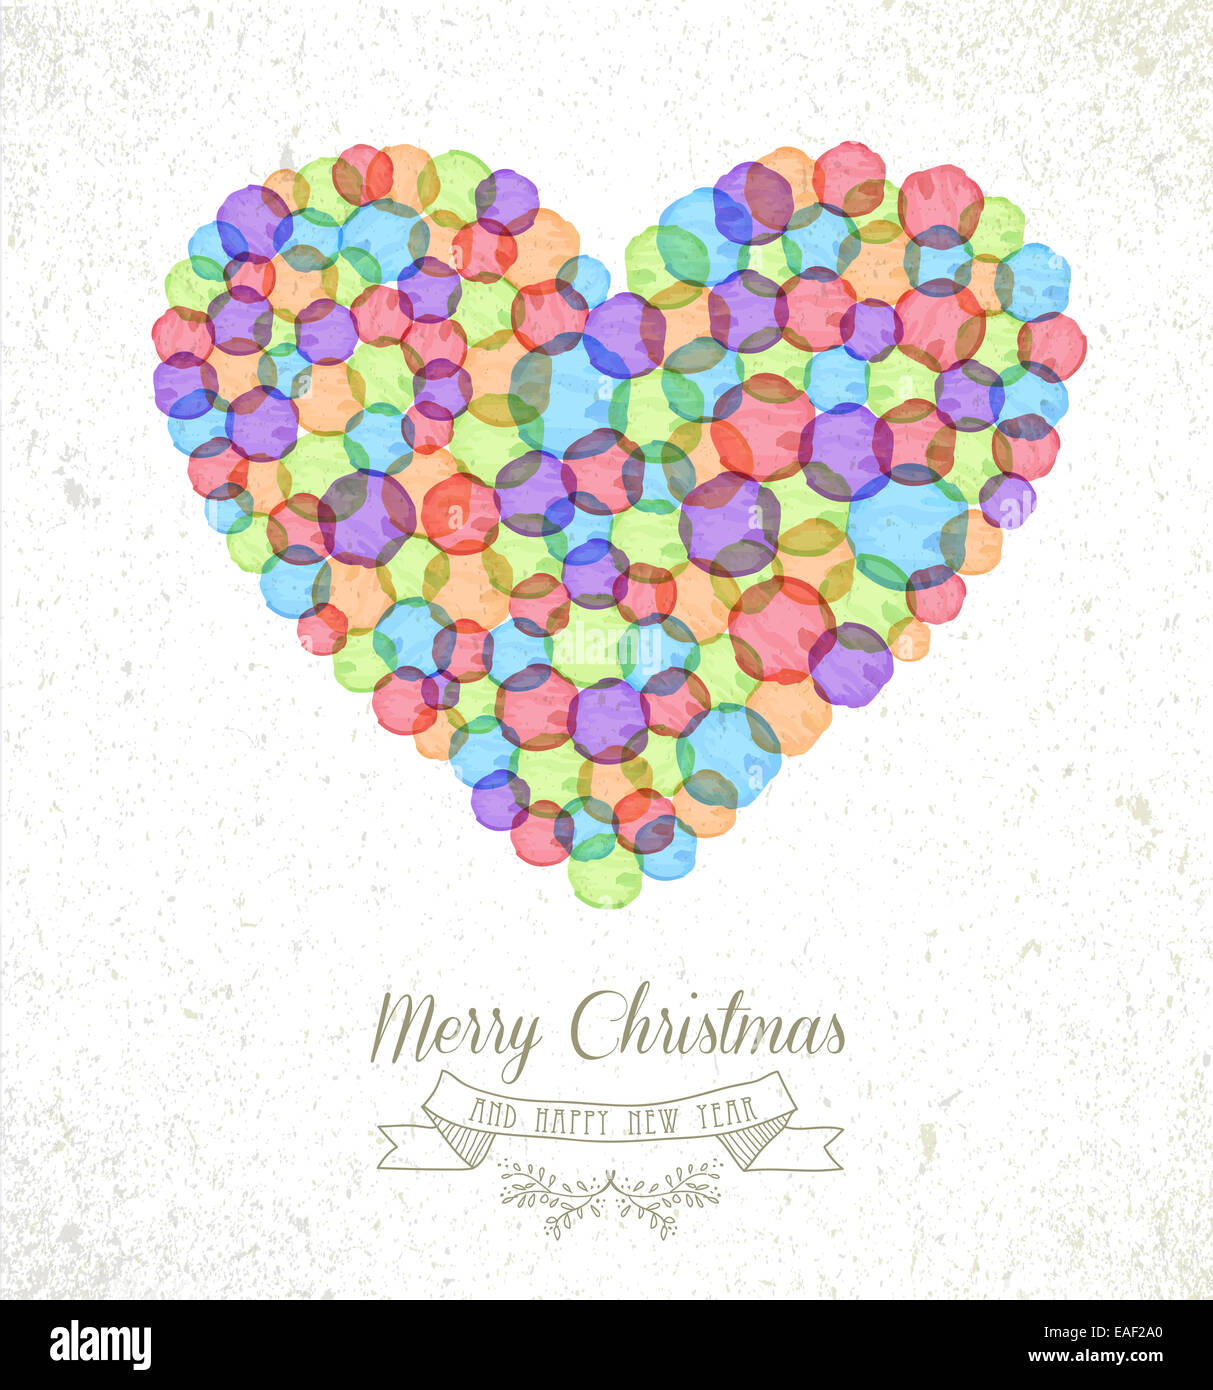 Weihnachten Bilder Bearbeiten.Frohe Weihnachten Aquarell Flecken Liebe Herz Form Grußkarte